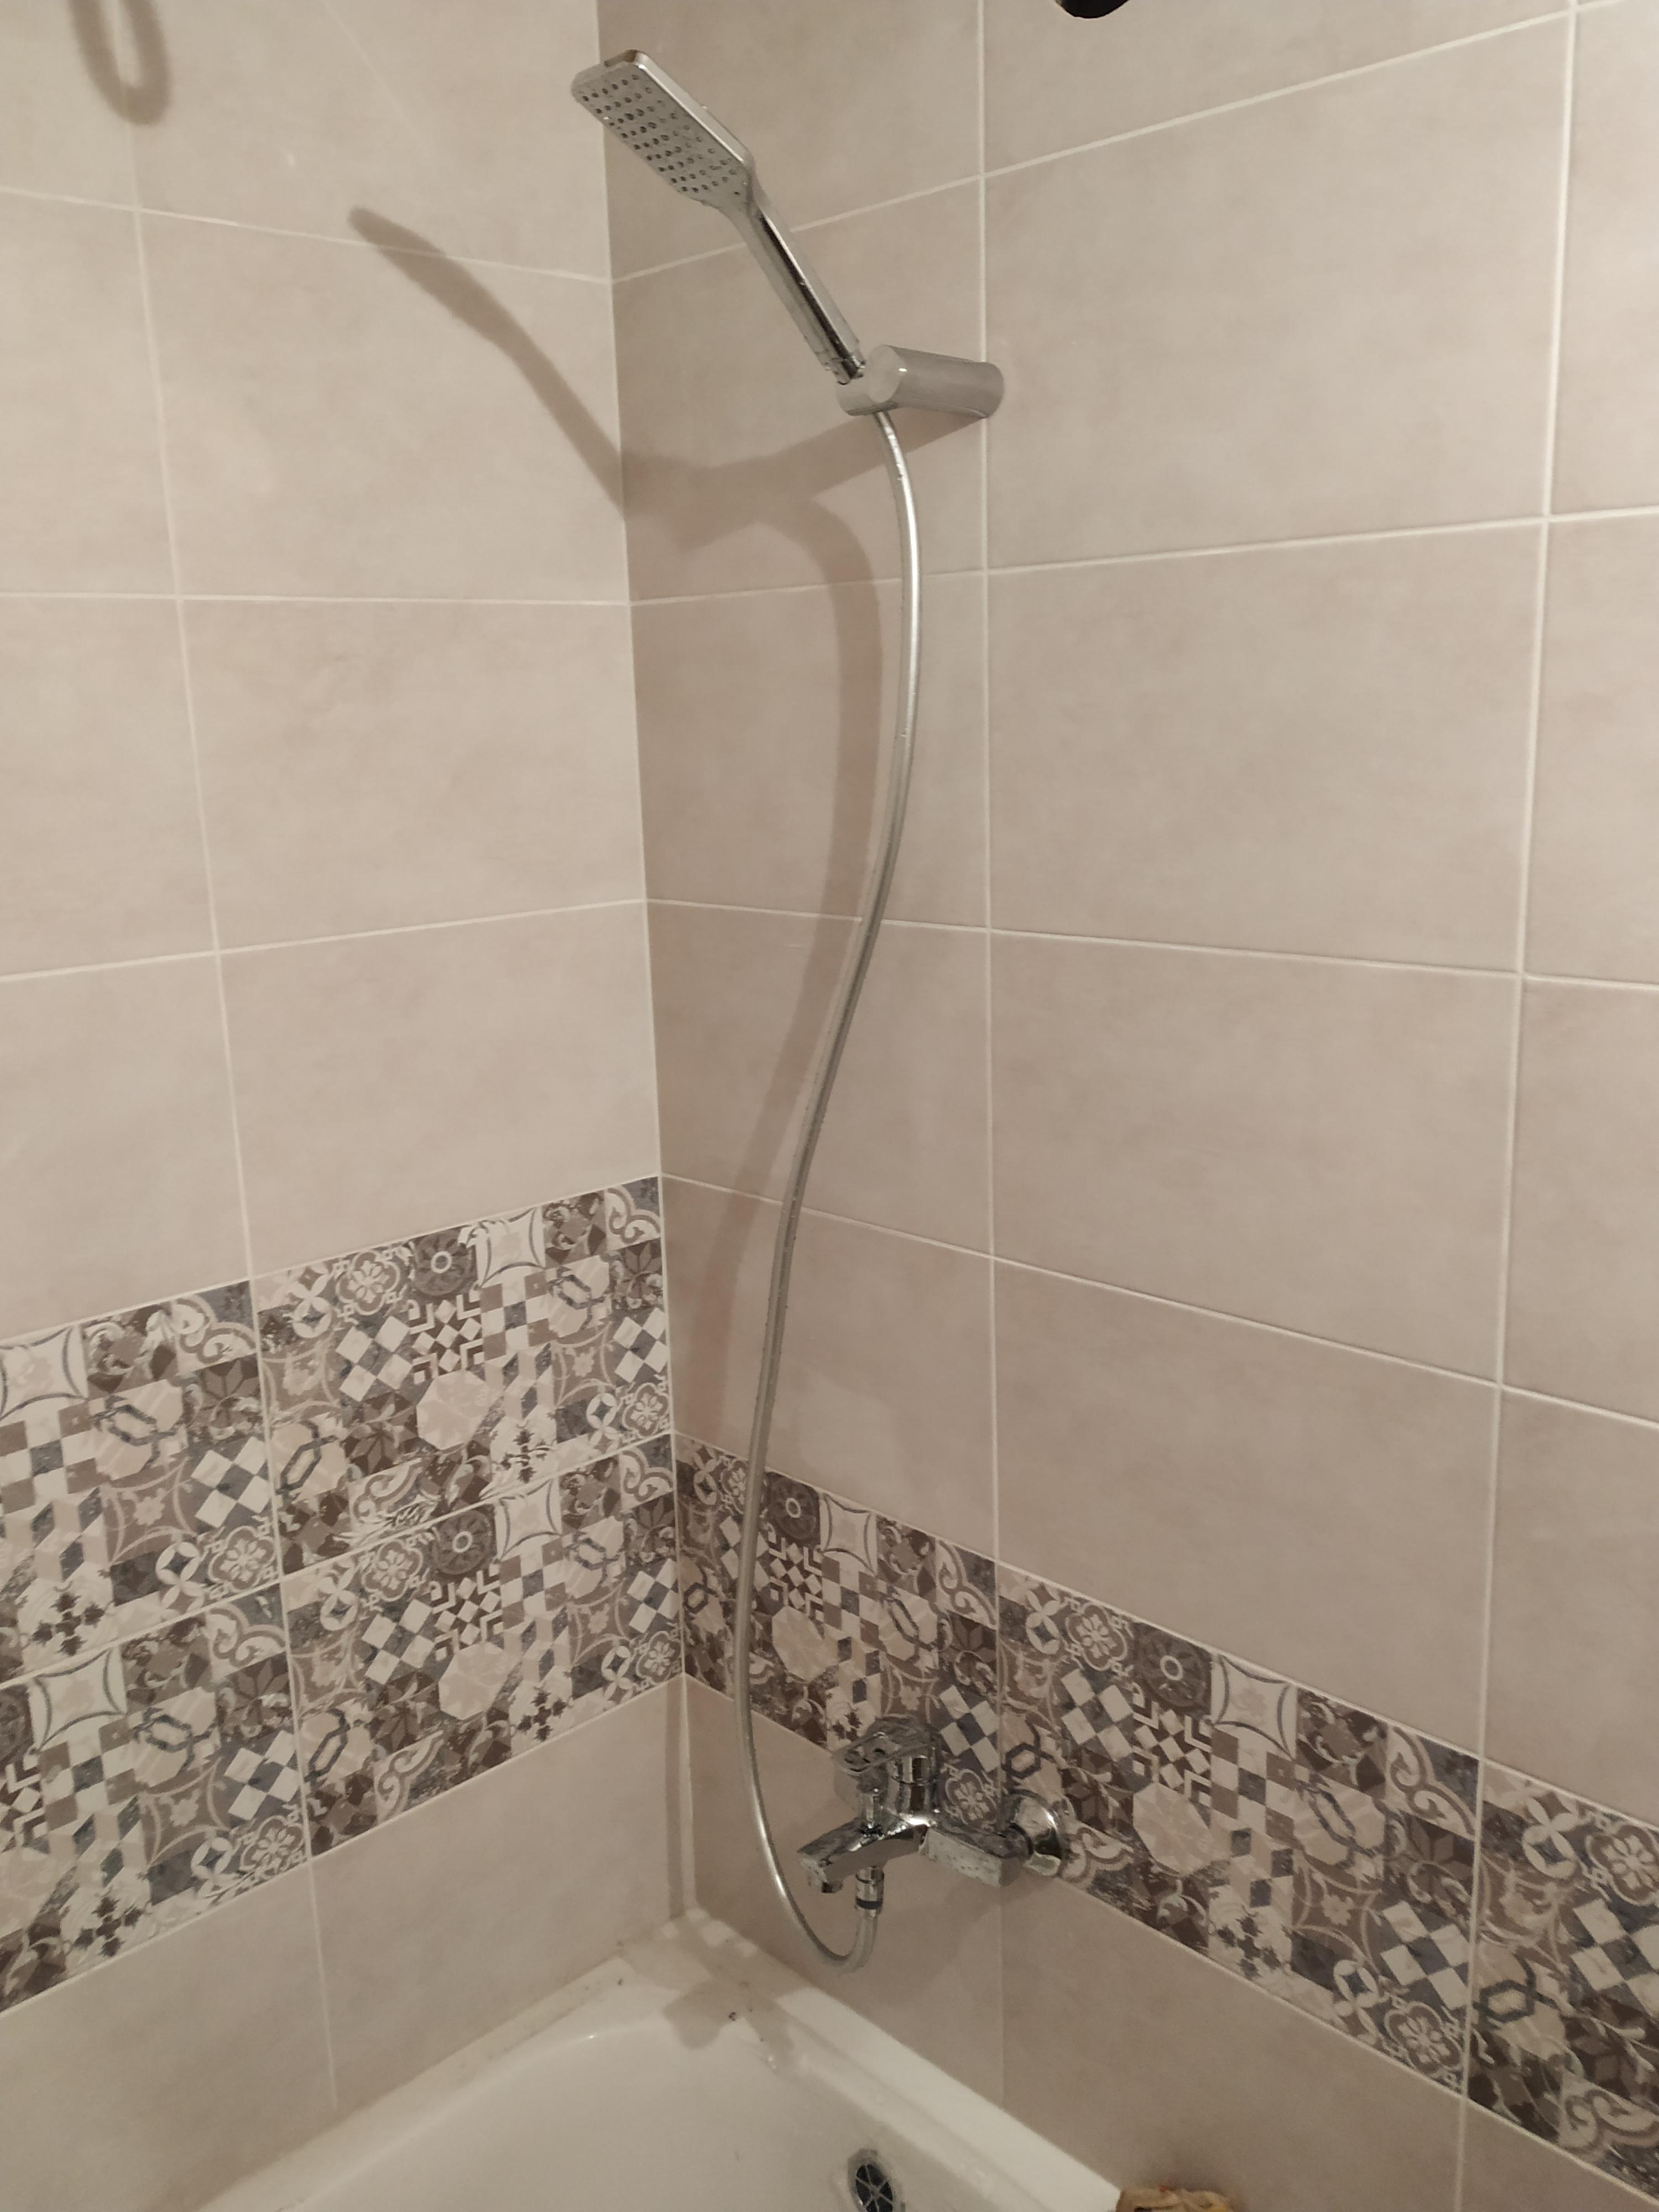 Фото Установить новый сифон для ванны, обрезать эксцентрики так как не было рассчитано расстояние, повесить крепление под душевую лейку, проверить все соединения на подтекания. Заняло 3 часа.